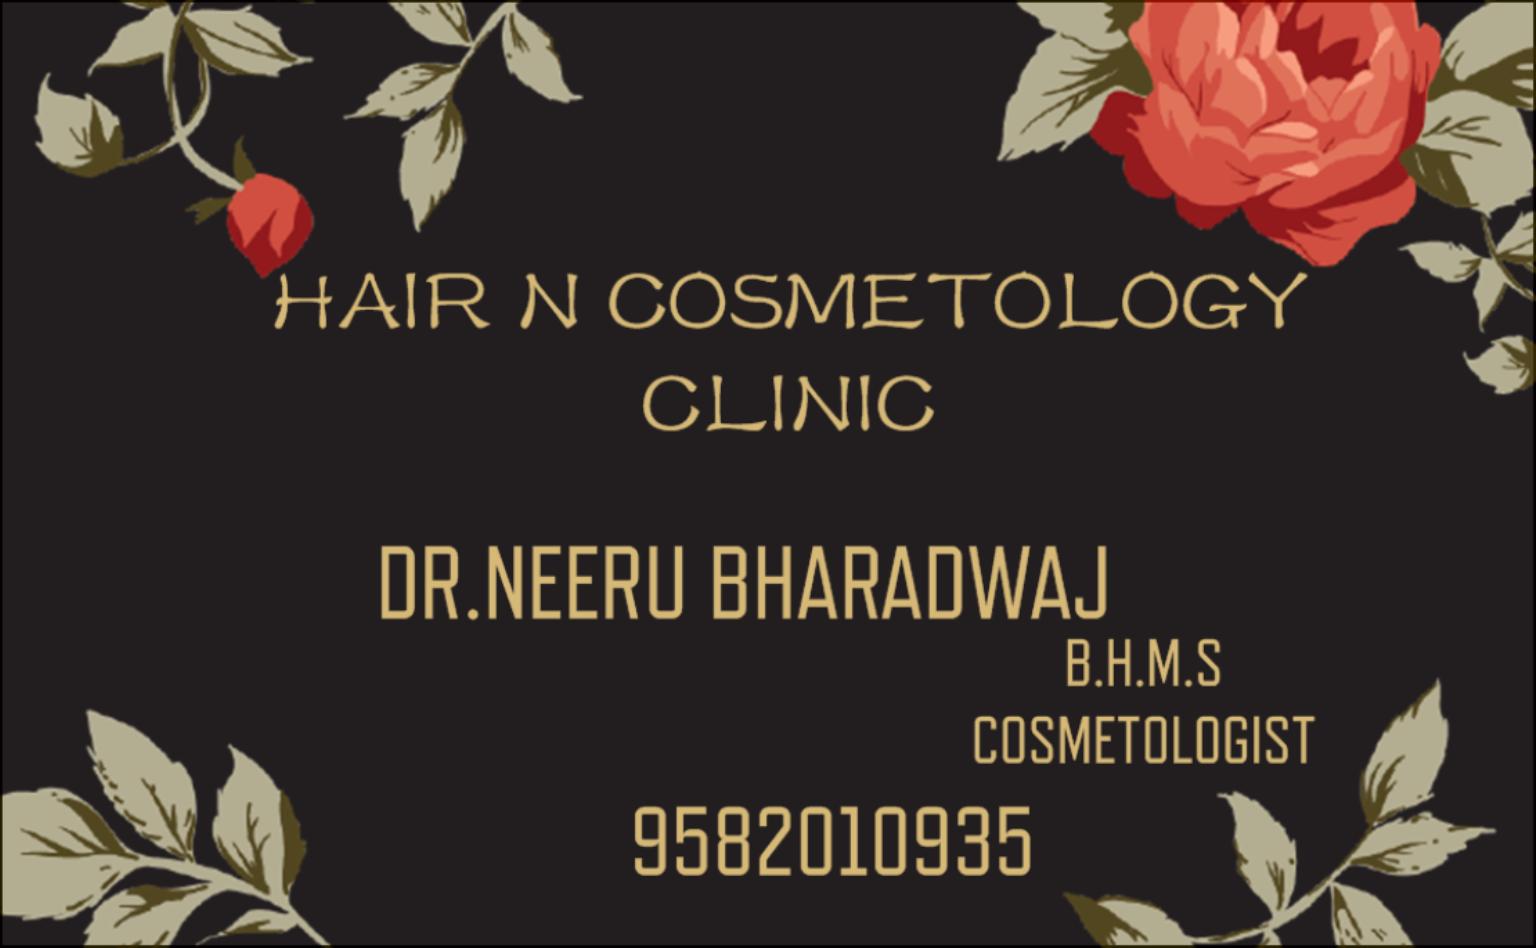 Dr.Neeru Bharadwaj, Delhi